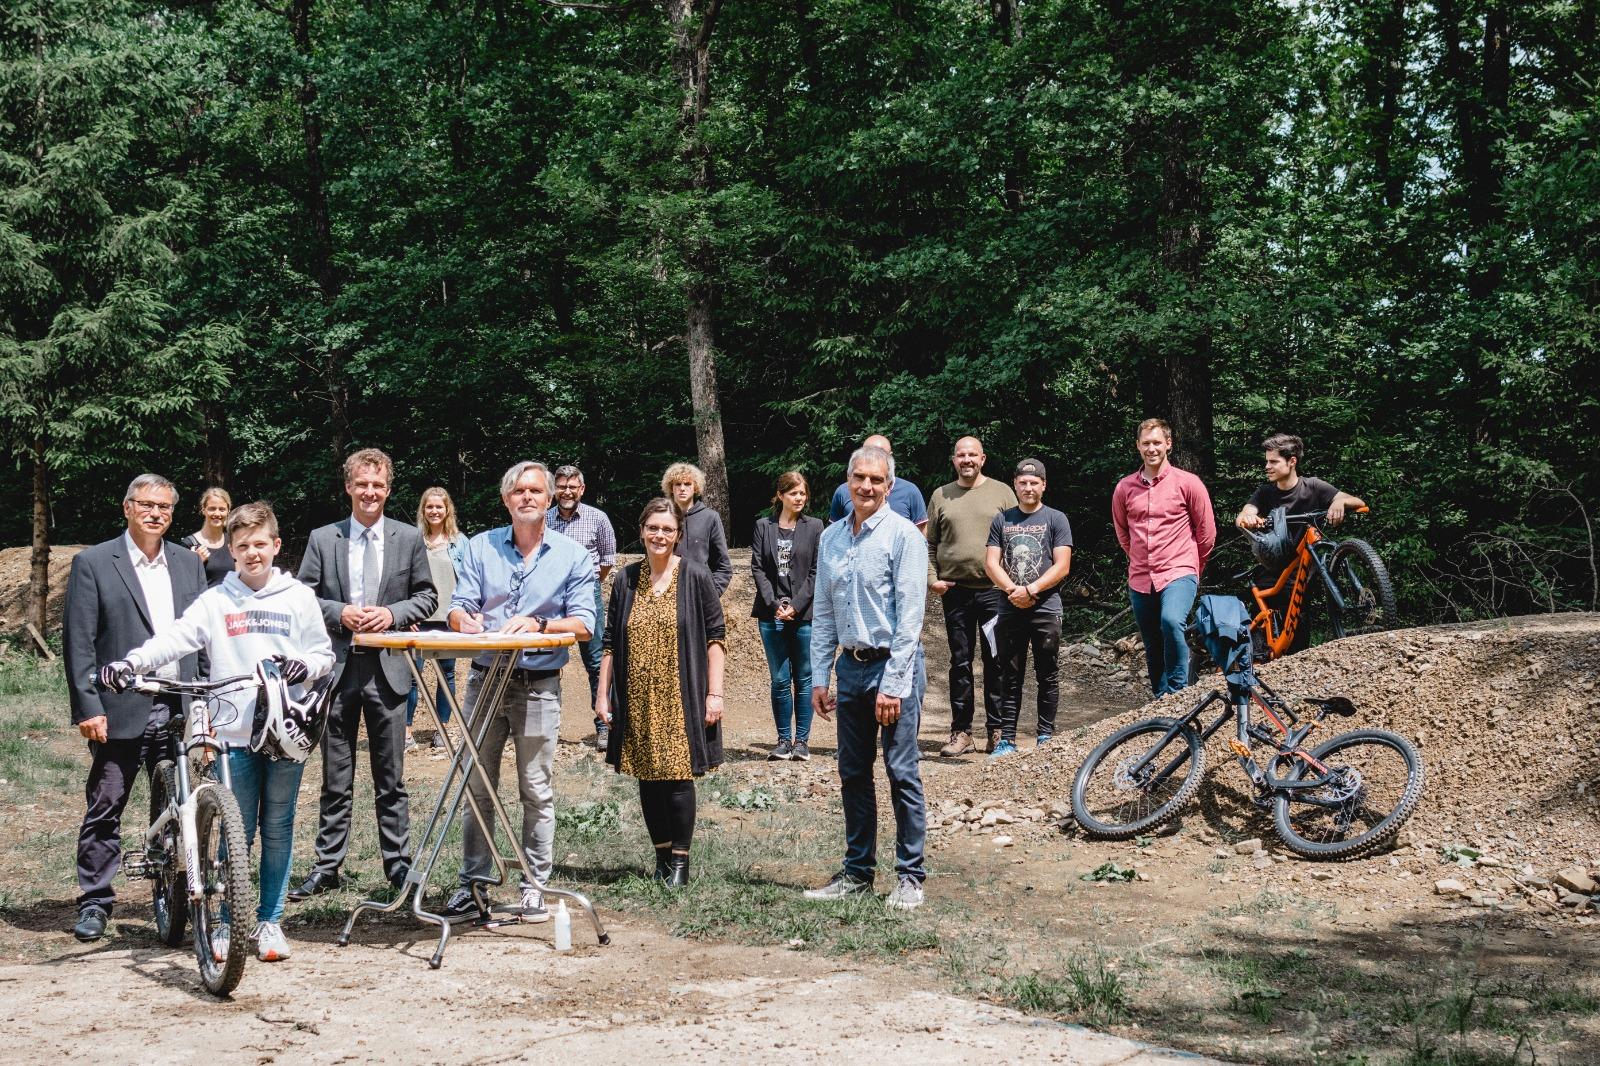 Kooperation mit Mountainbike Verein